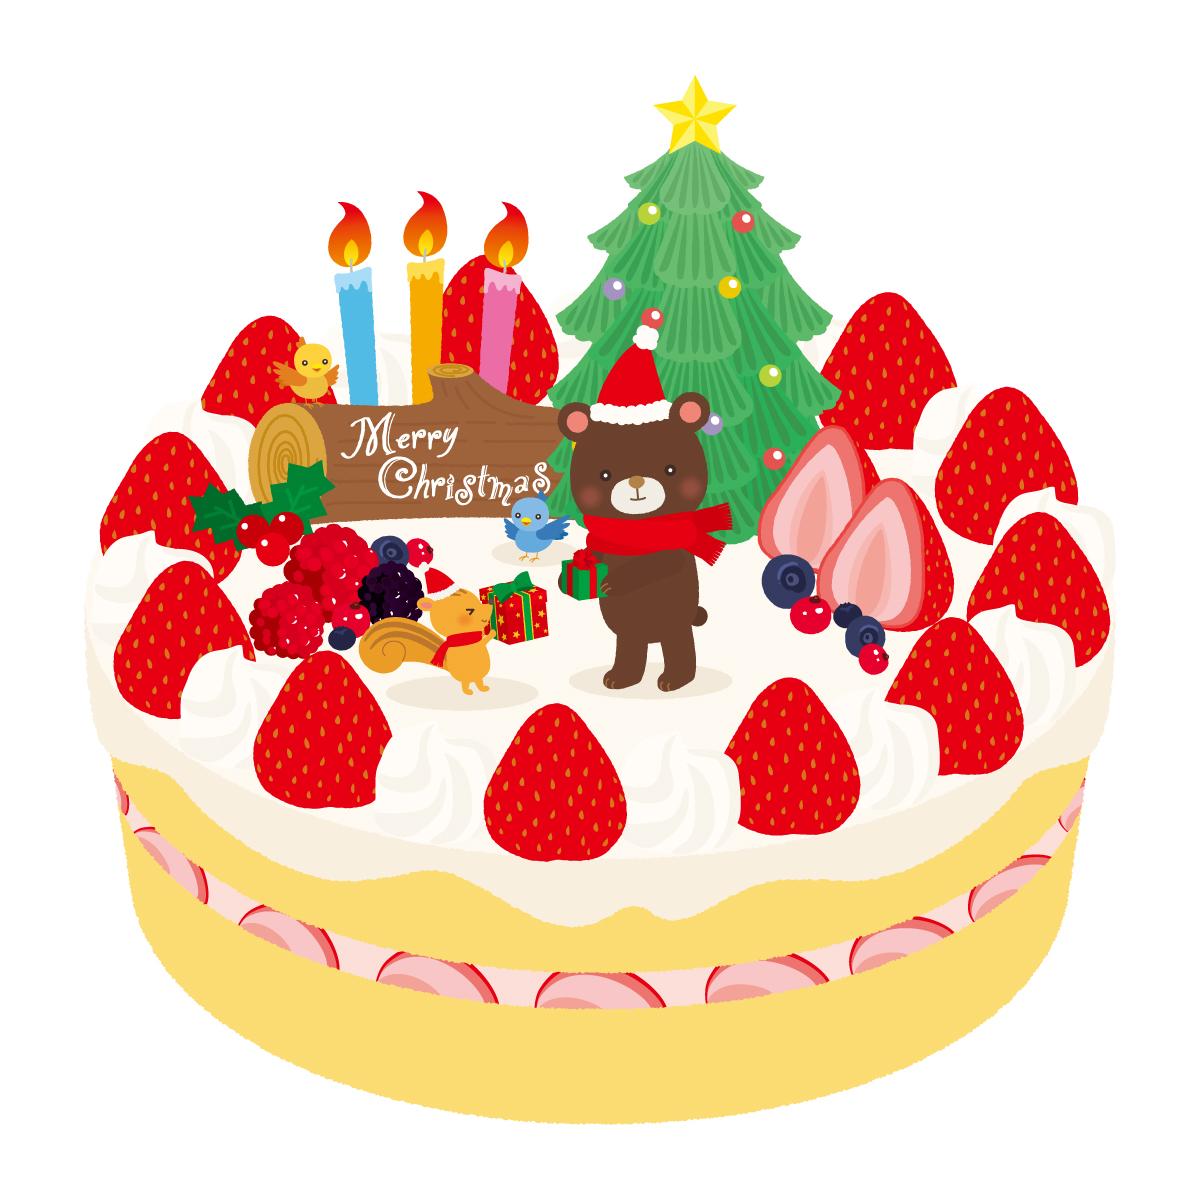 クリスマスケーキ 画像 無料 に対する画像結果